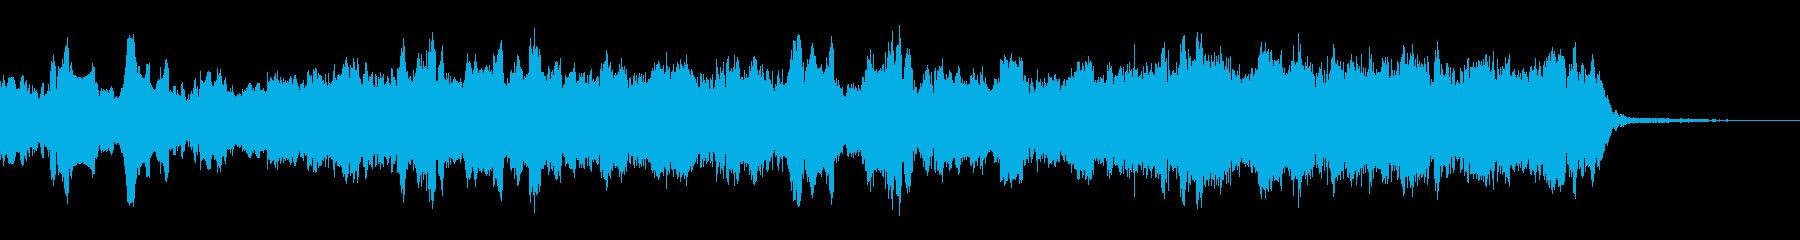 森羅万象の再生済みの波形